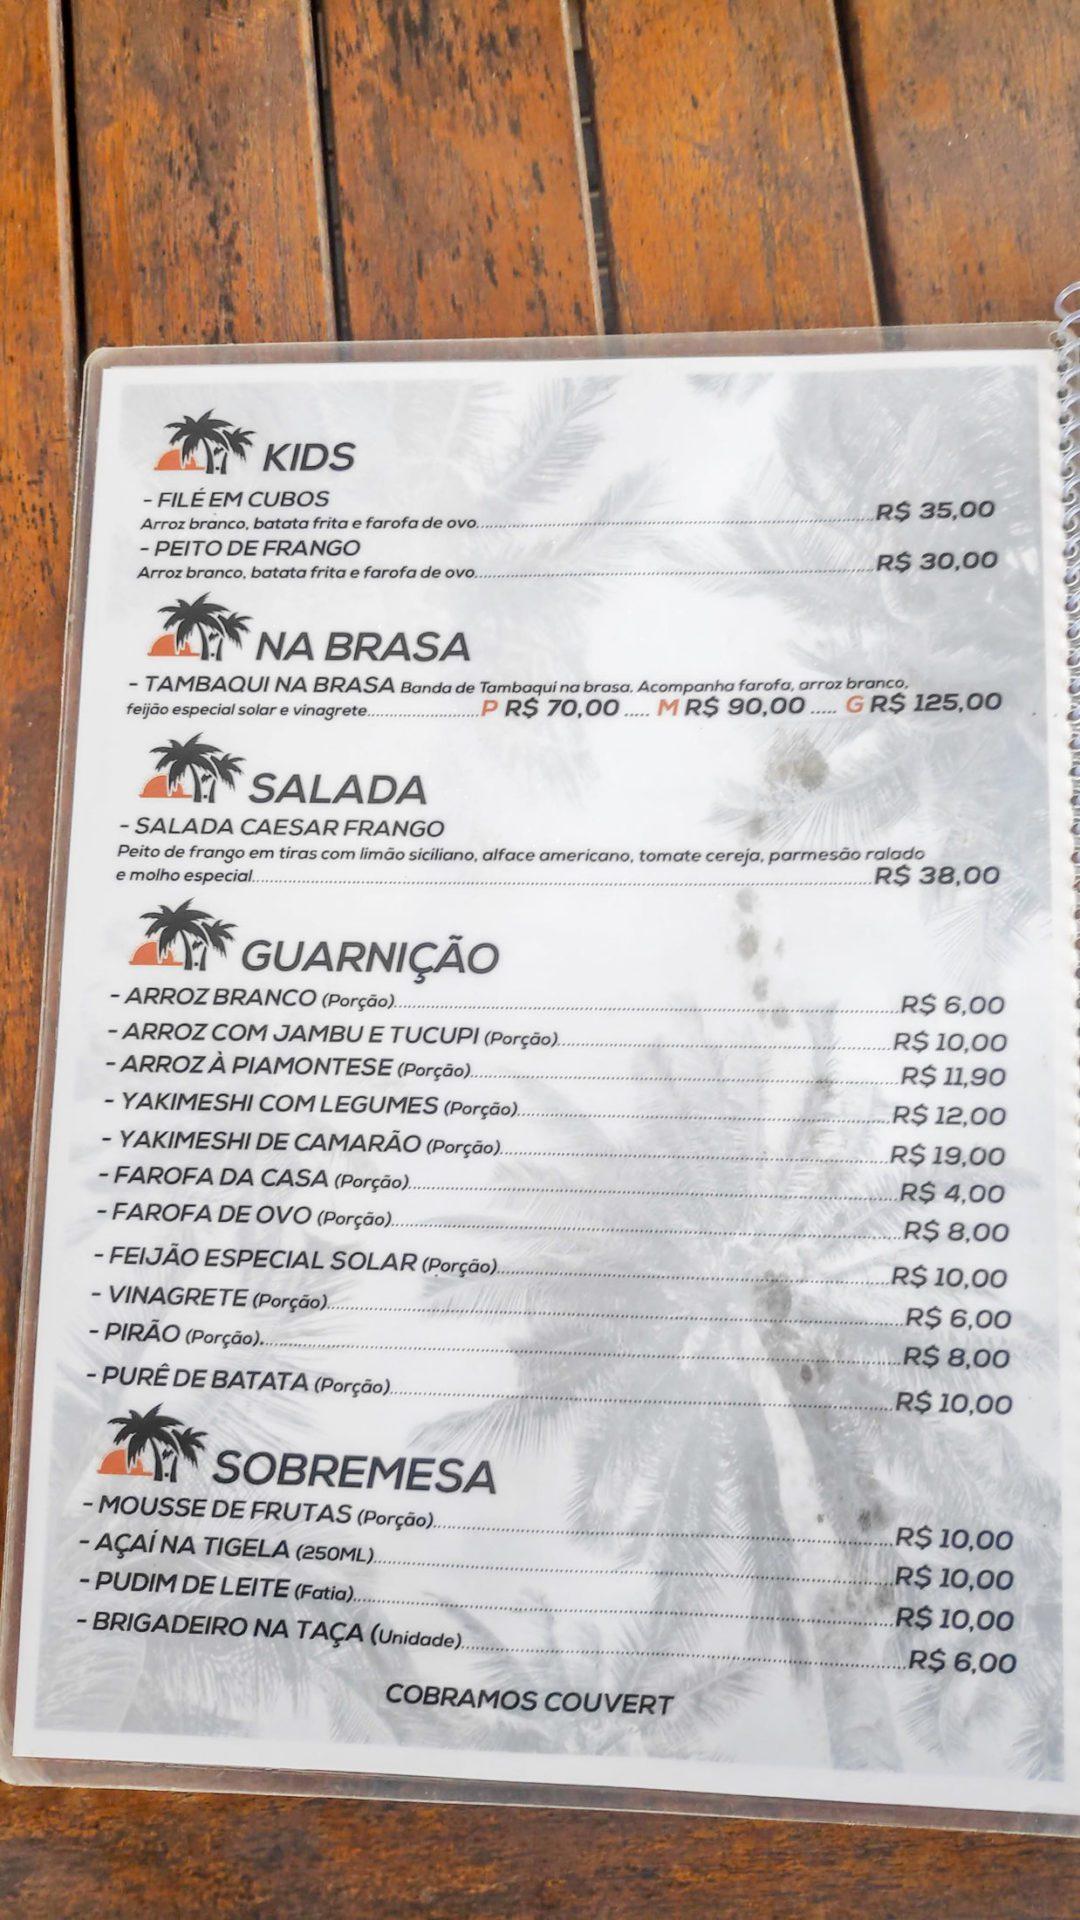 Solar da ilha - Cardápio Junho 2019